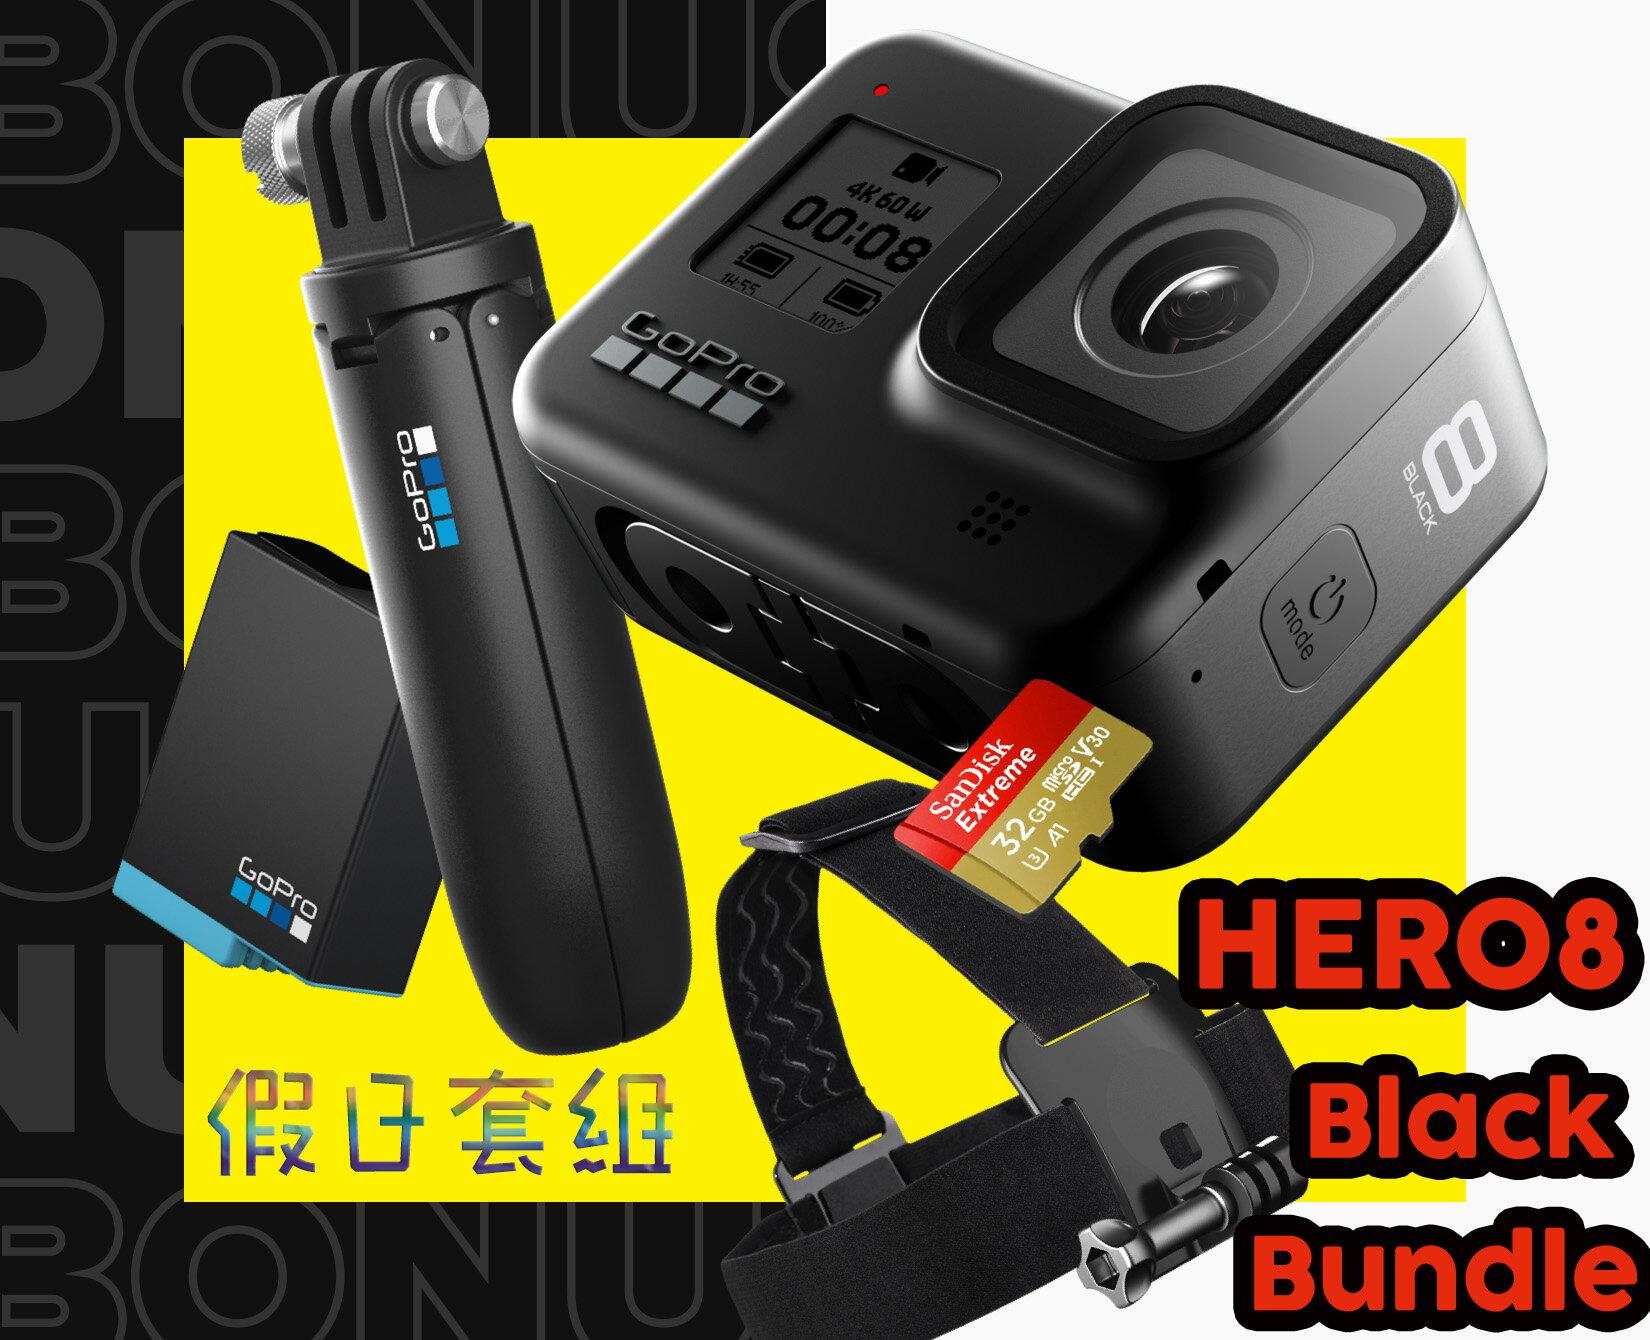 ..  驚喜假日套組 GoPro HERO8 Black Bundle 運動攝影機 4K 防水 LiveBurst 縮時 CHDHX-801 公司貨 s2100012224